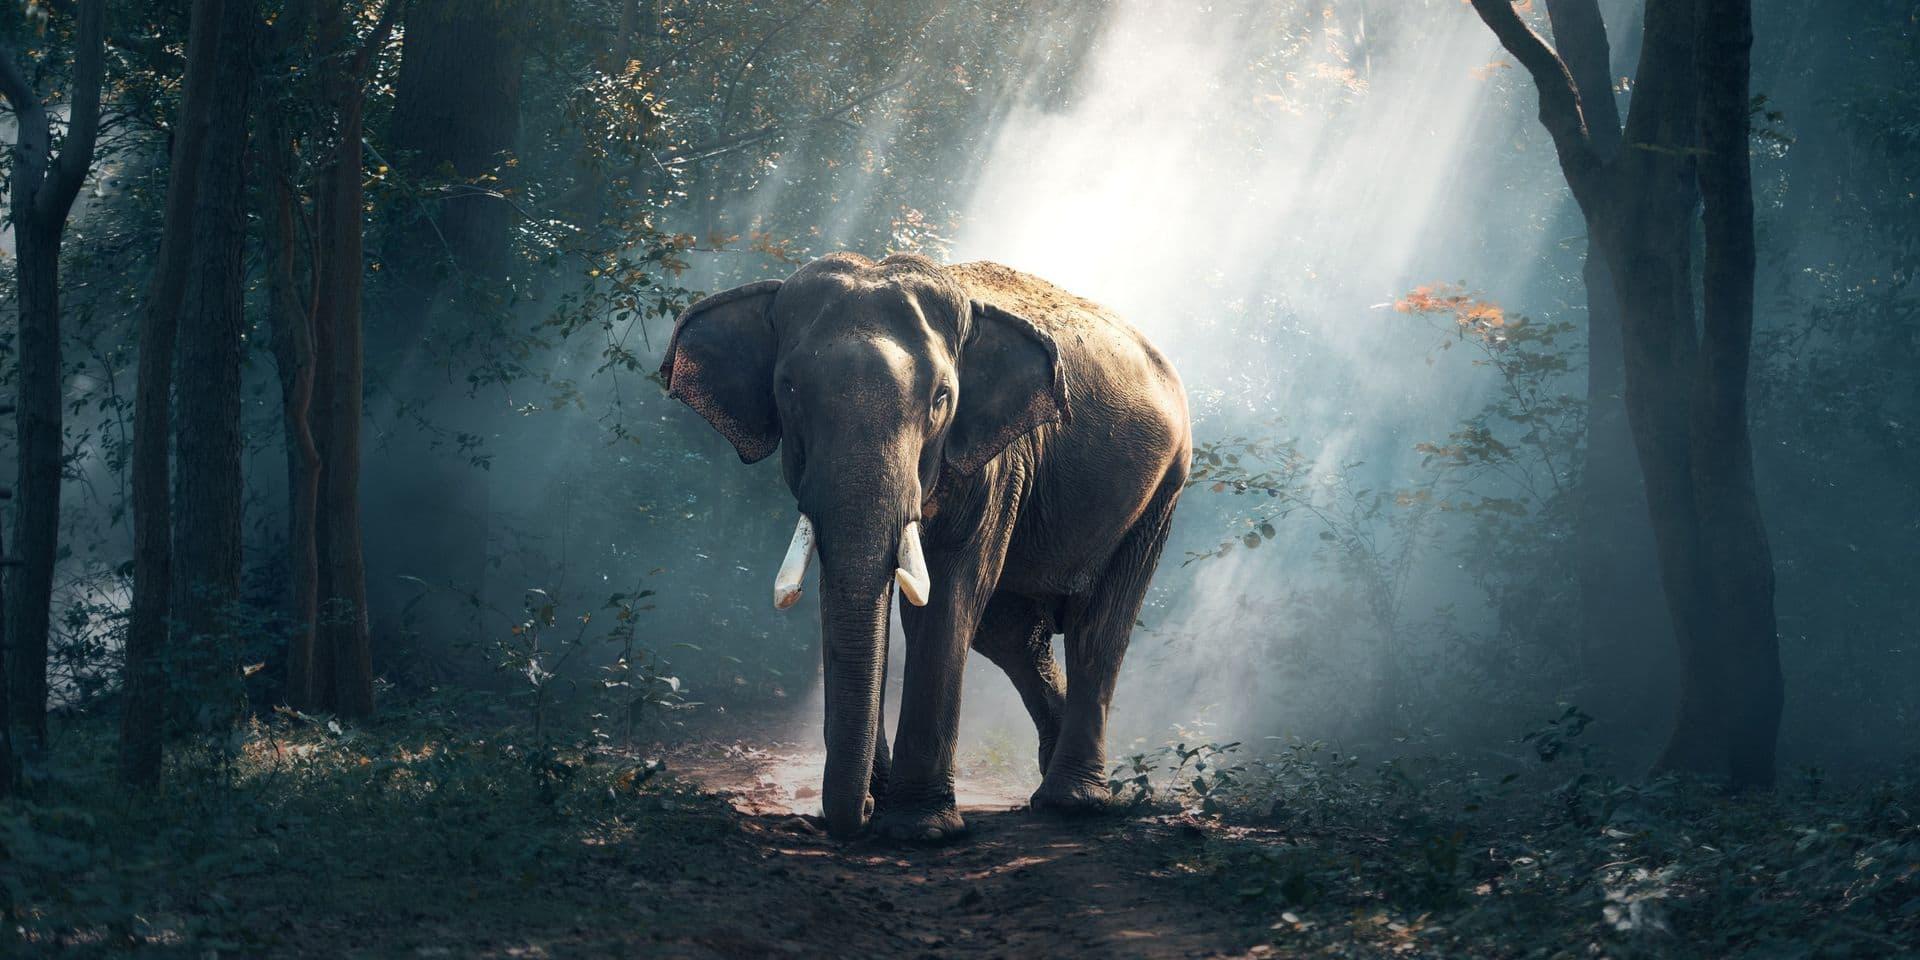 Sans action urgente, l'éléphant d'Afrique disparaîtra dans 20 ans, selon le WWF